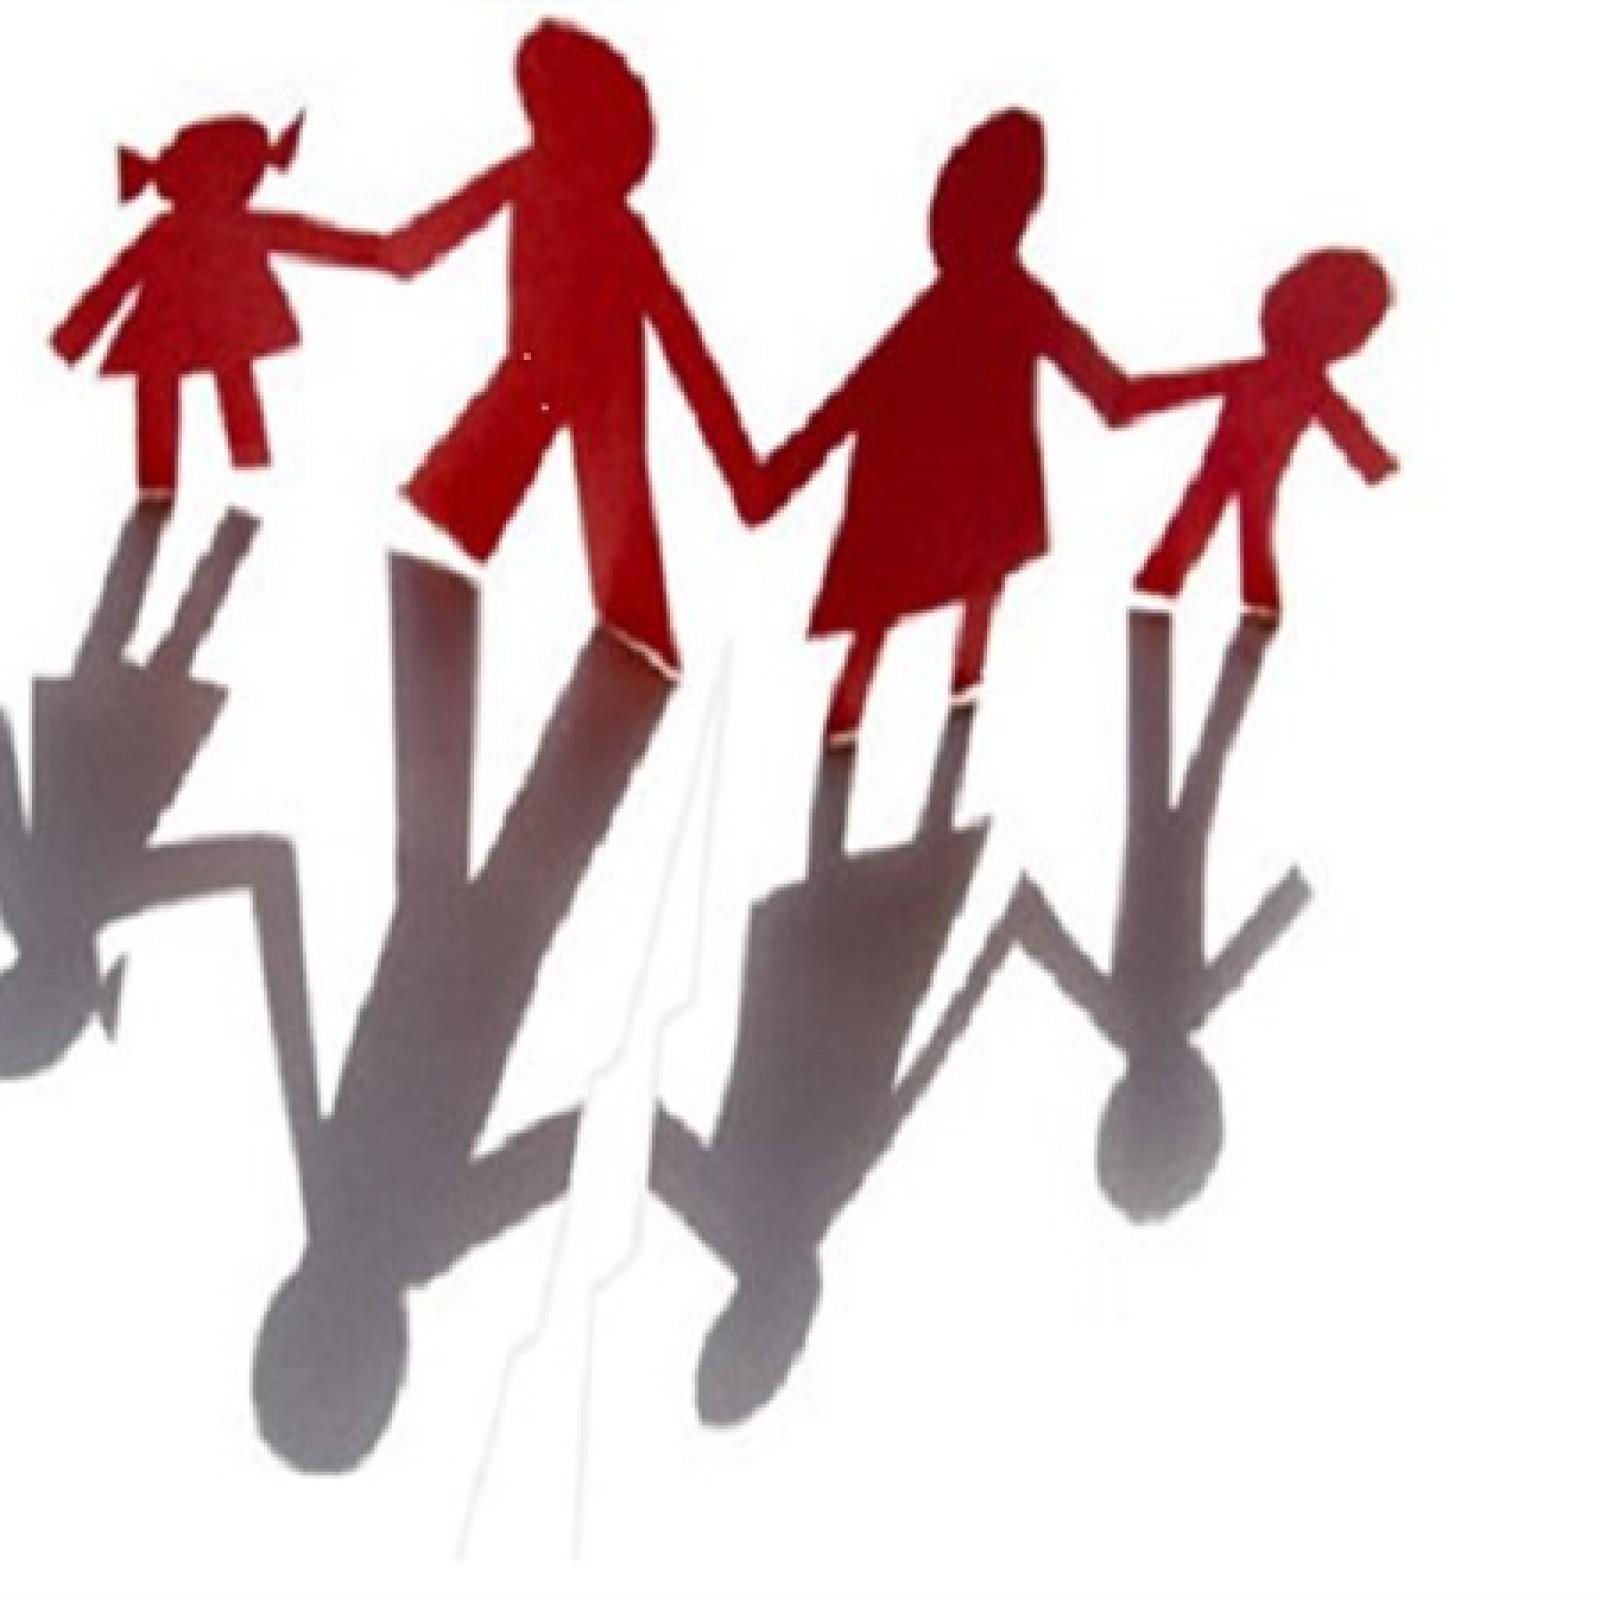 Adozione: il dissenso manifestato dal genitore titolare della responsabilità genitoriale, anche se non convivente con il figlio minore, ha efficacia preclusiva